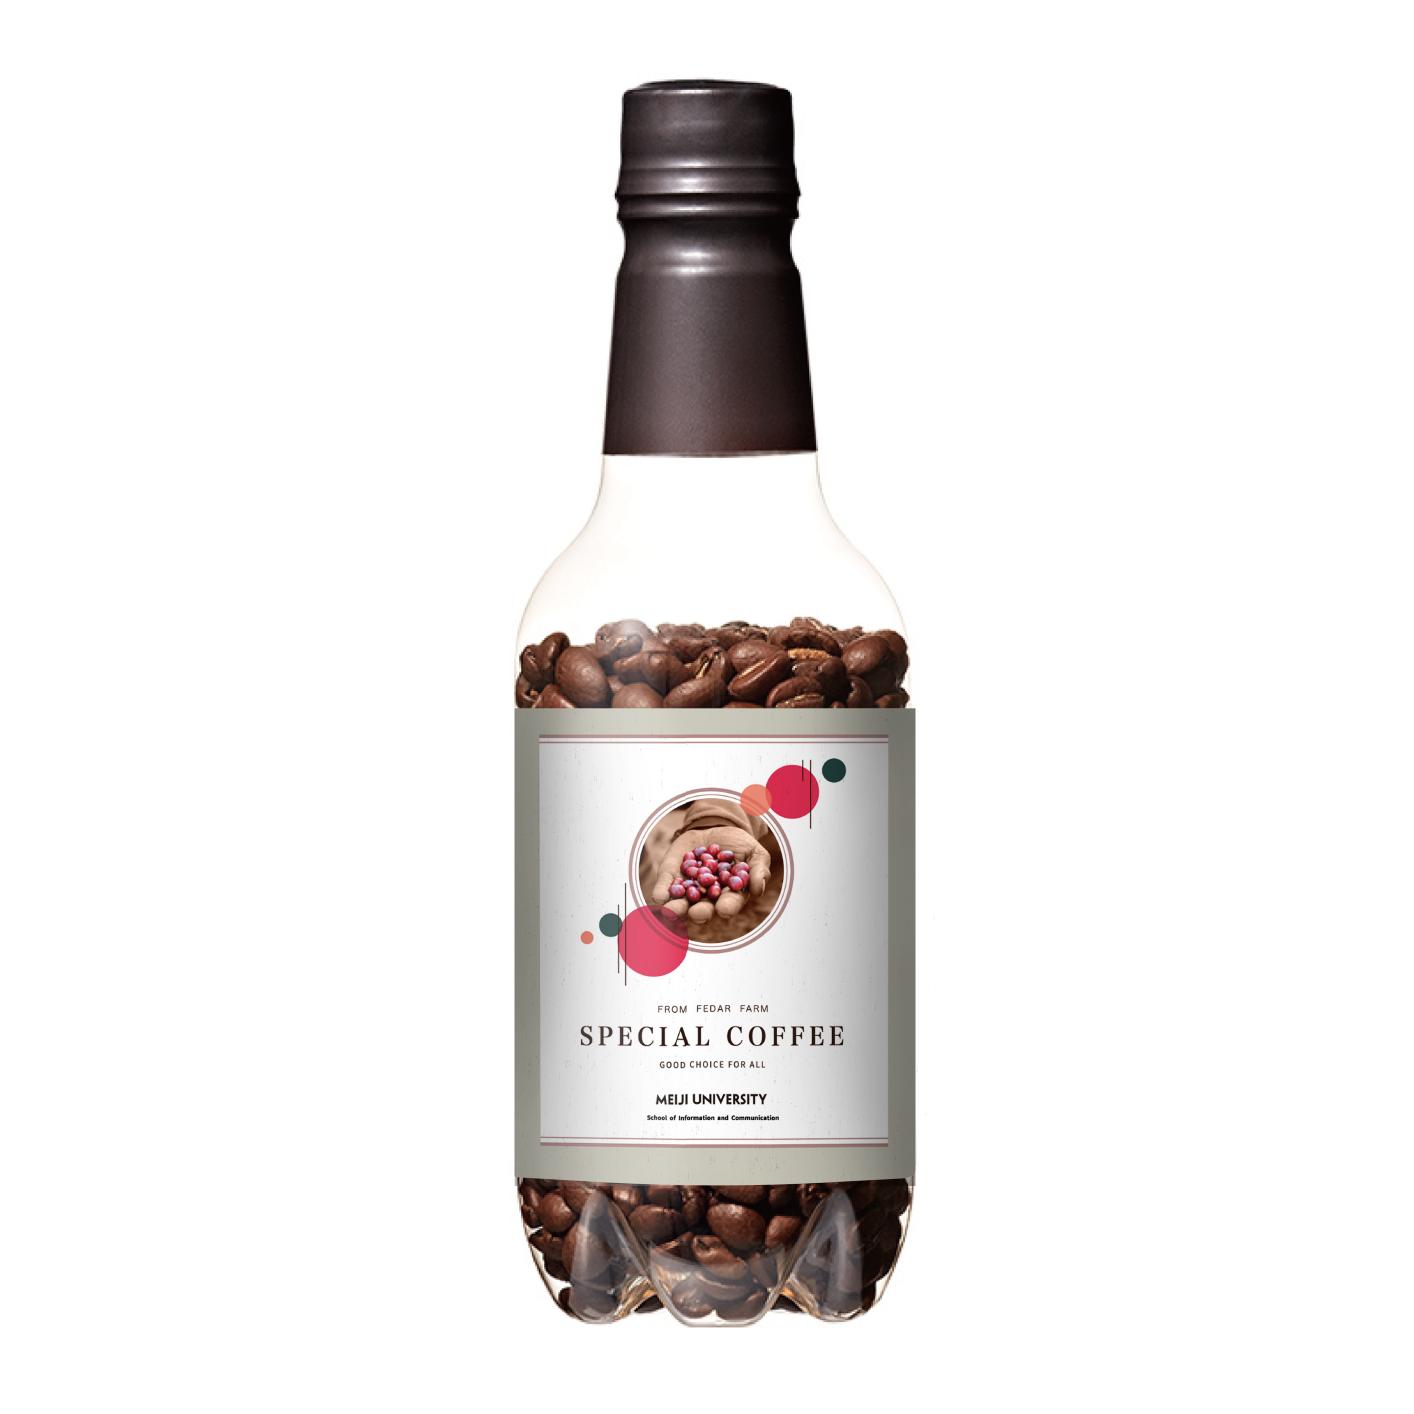 ◇明治大学SDGsコーヒー【 豆 】 ※数量限定品